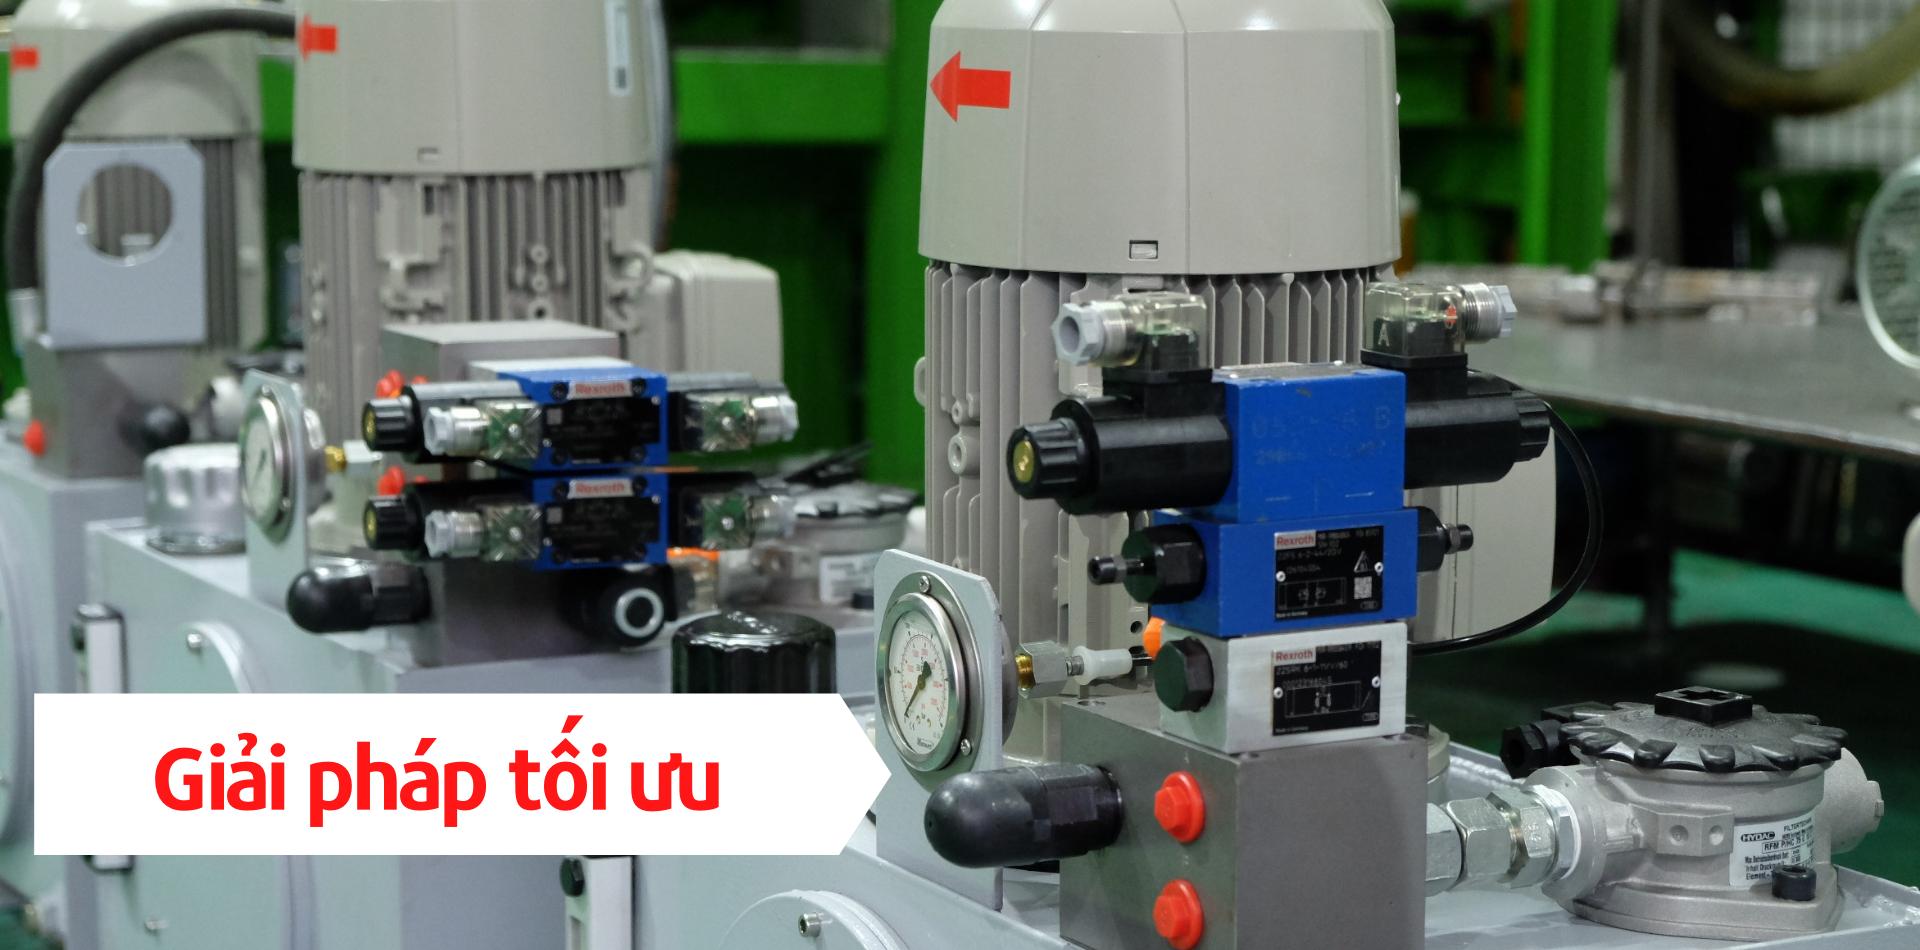 Công ty kỹ thuật Nam Hải